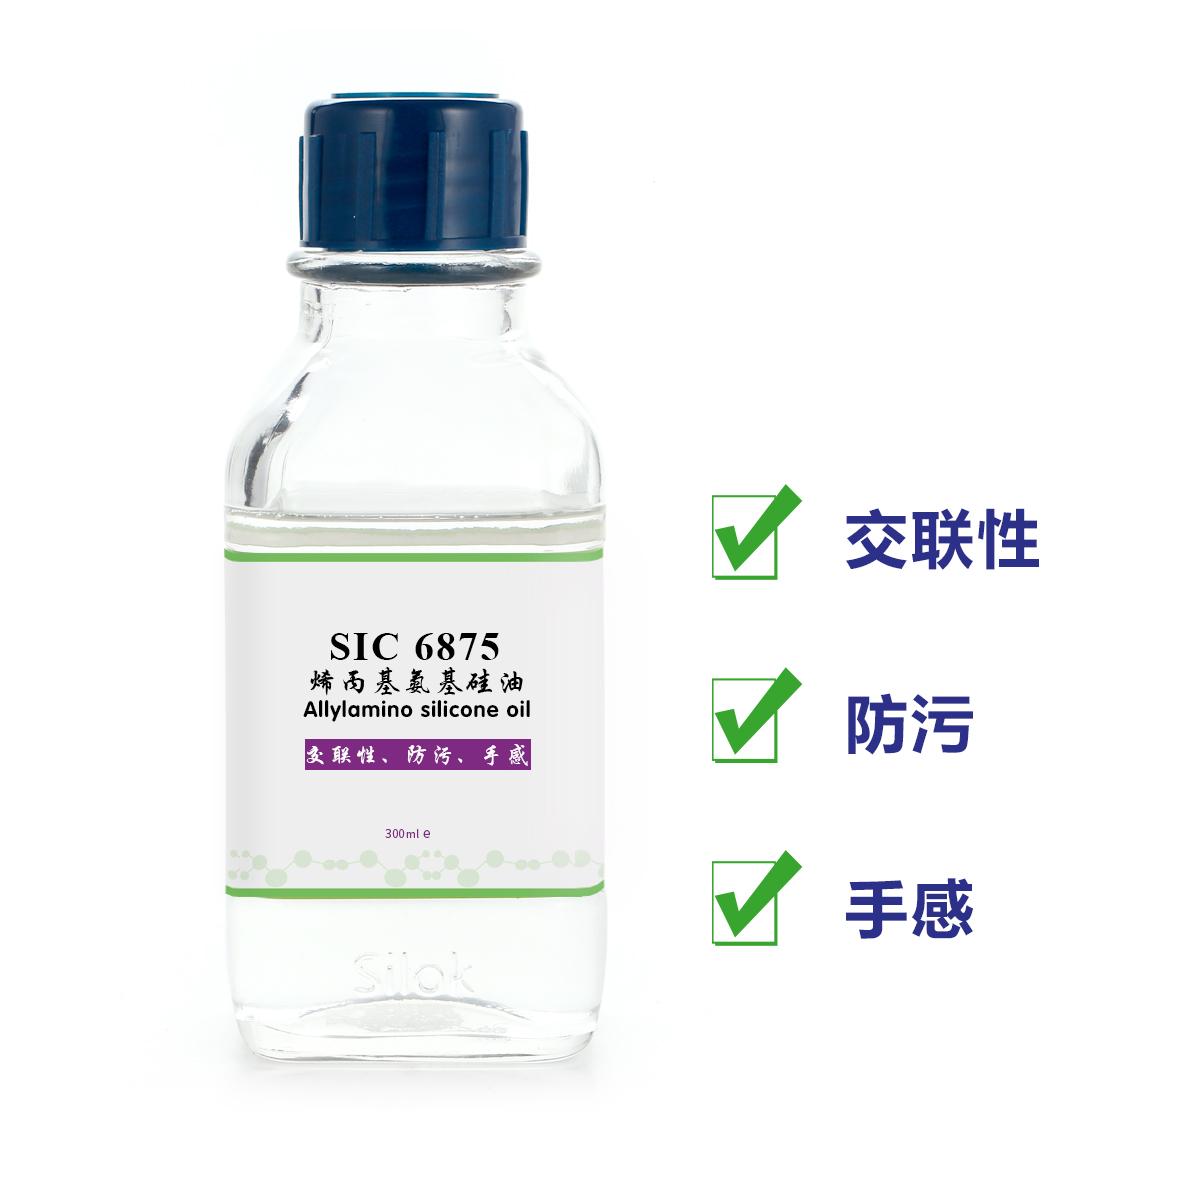 烯丙基氨基硅油